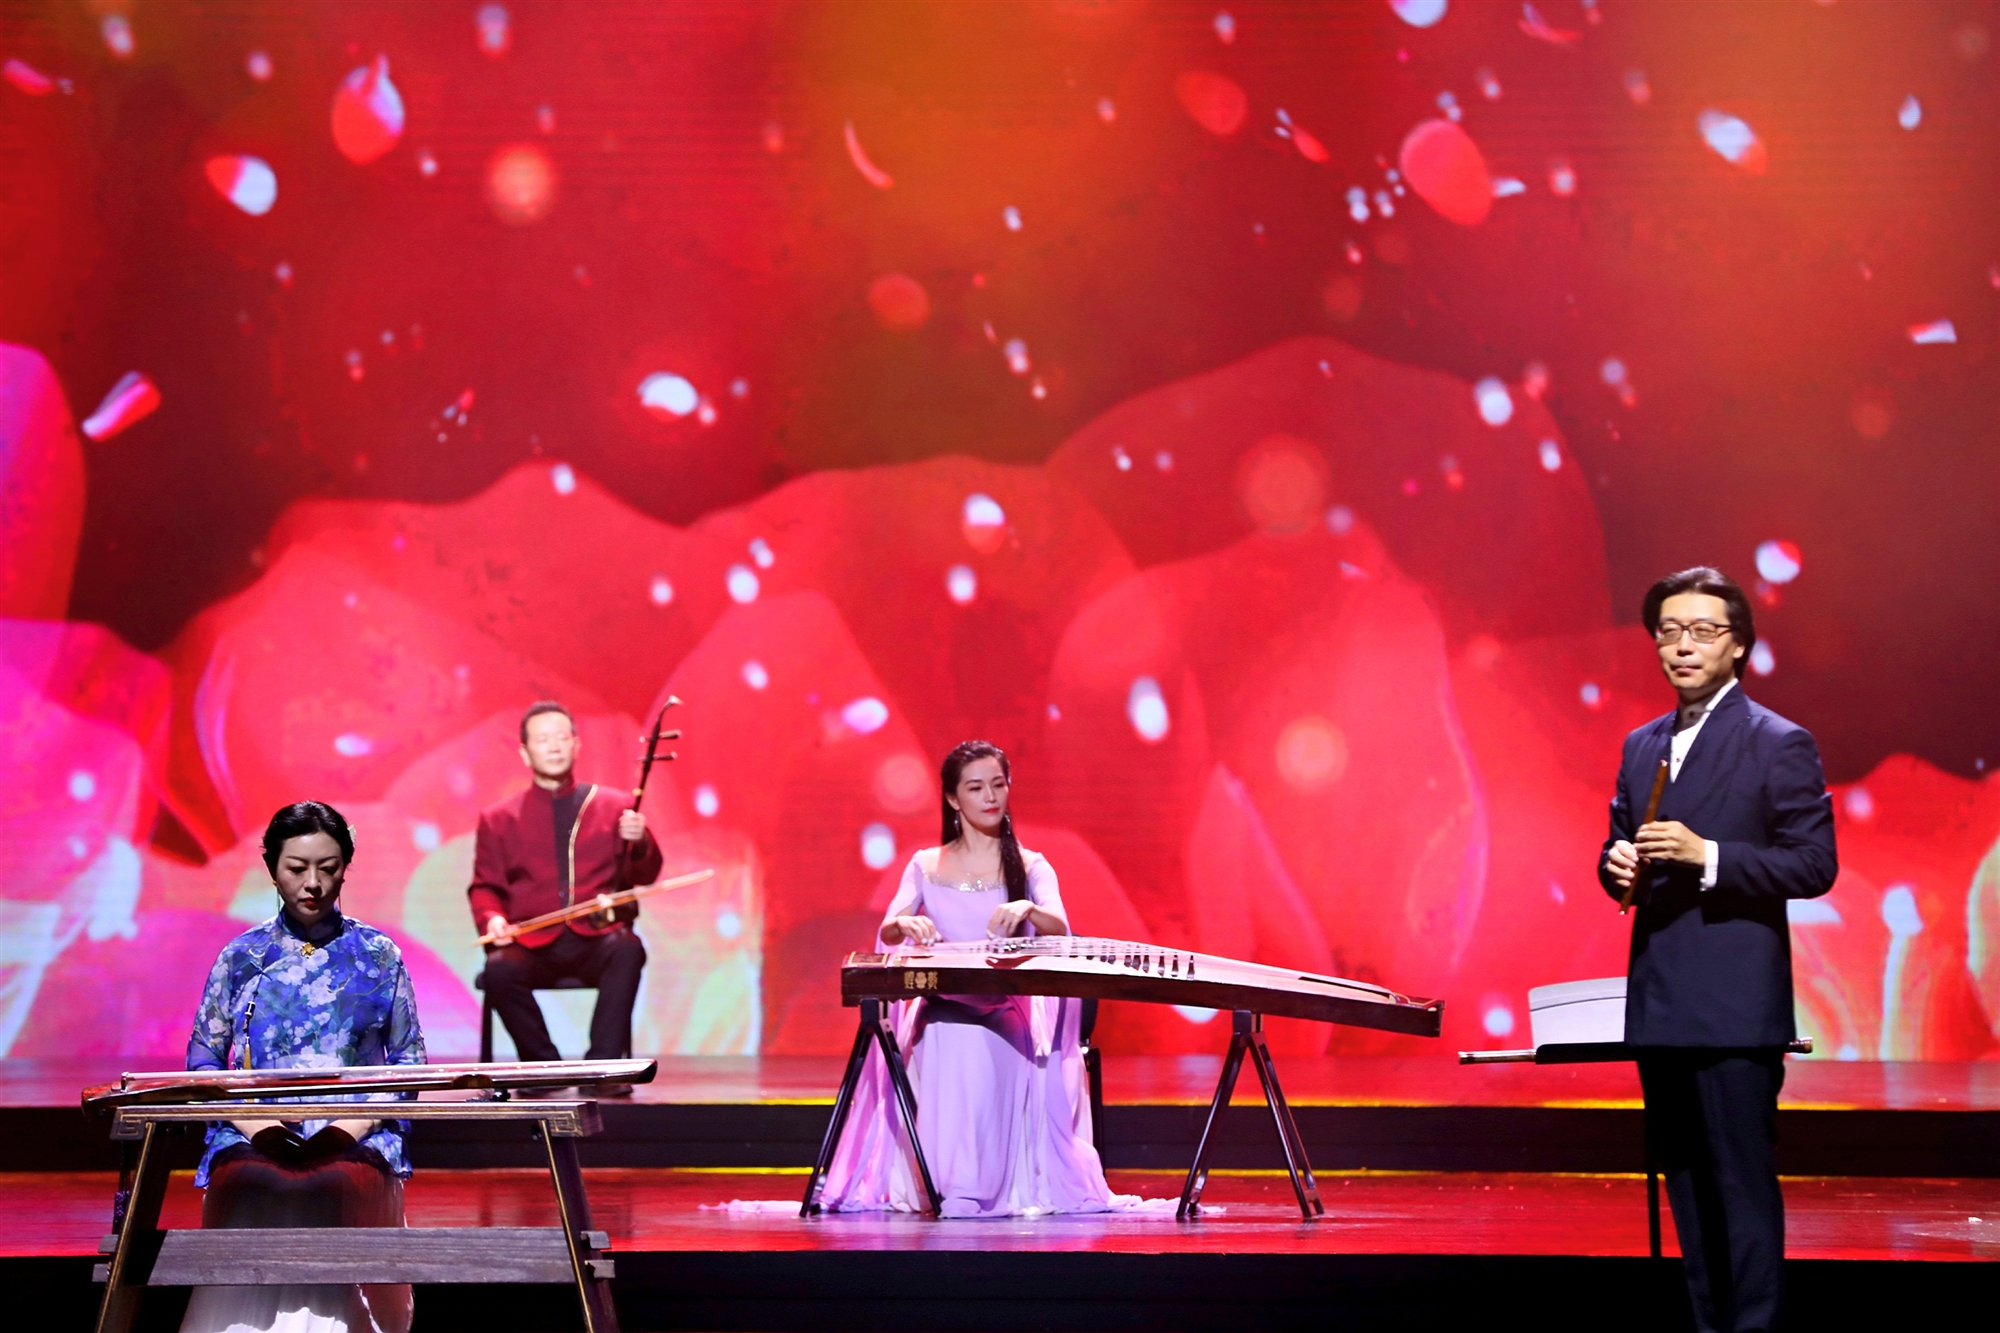 成都老中青三代知名文艺家同台 热烈庆祝中国共产党成立100周年